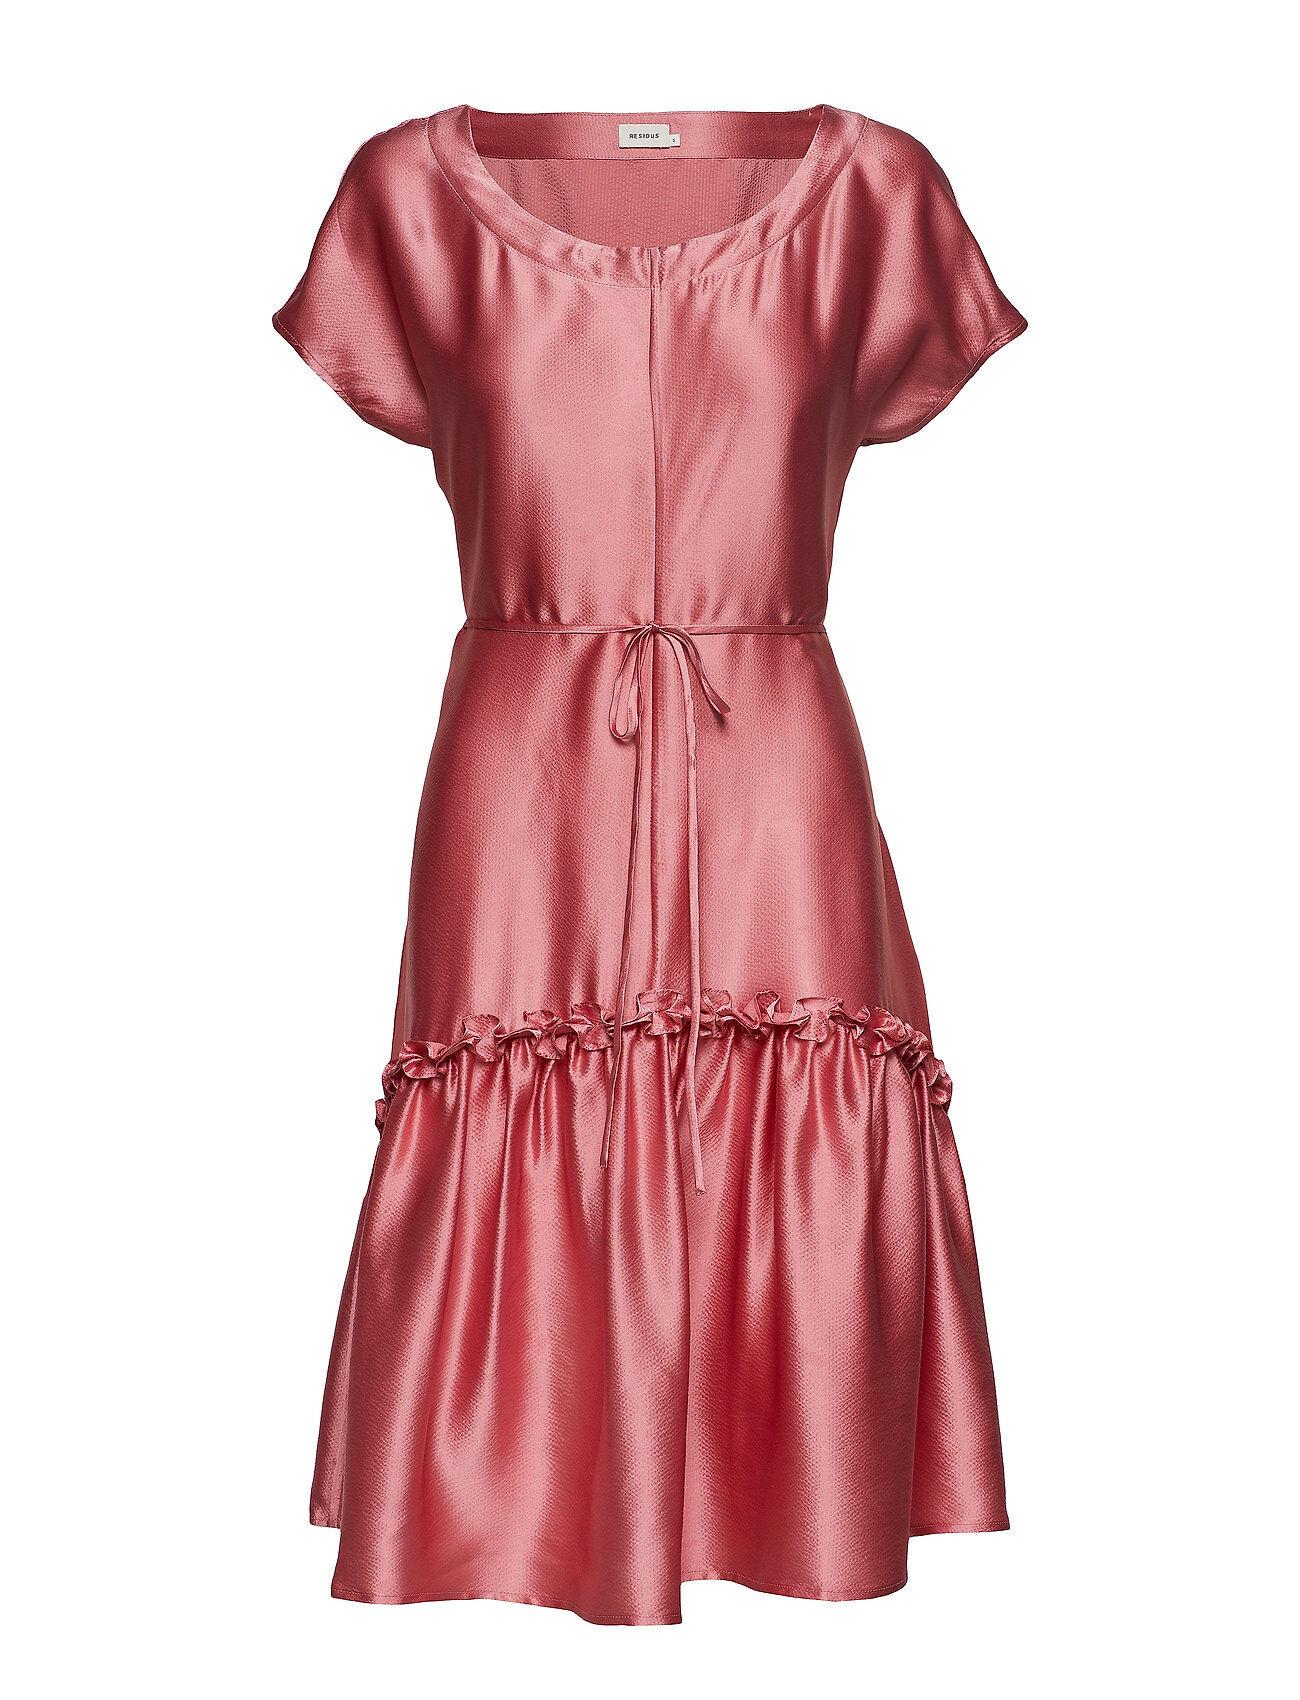 Residus Marilyn Dress Polvipituinen Mekko Vaaleanpunainen Residus